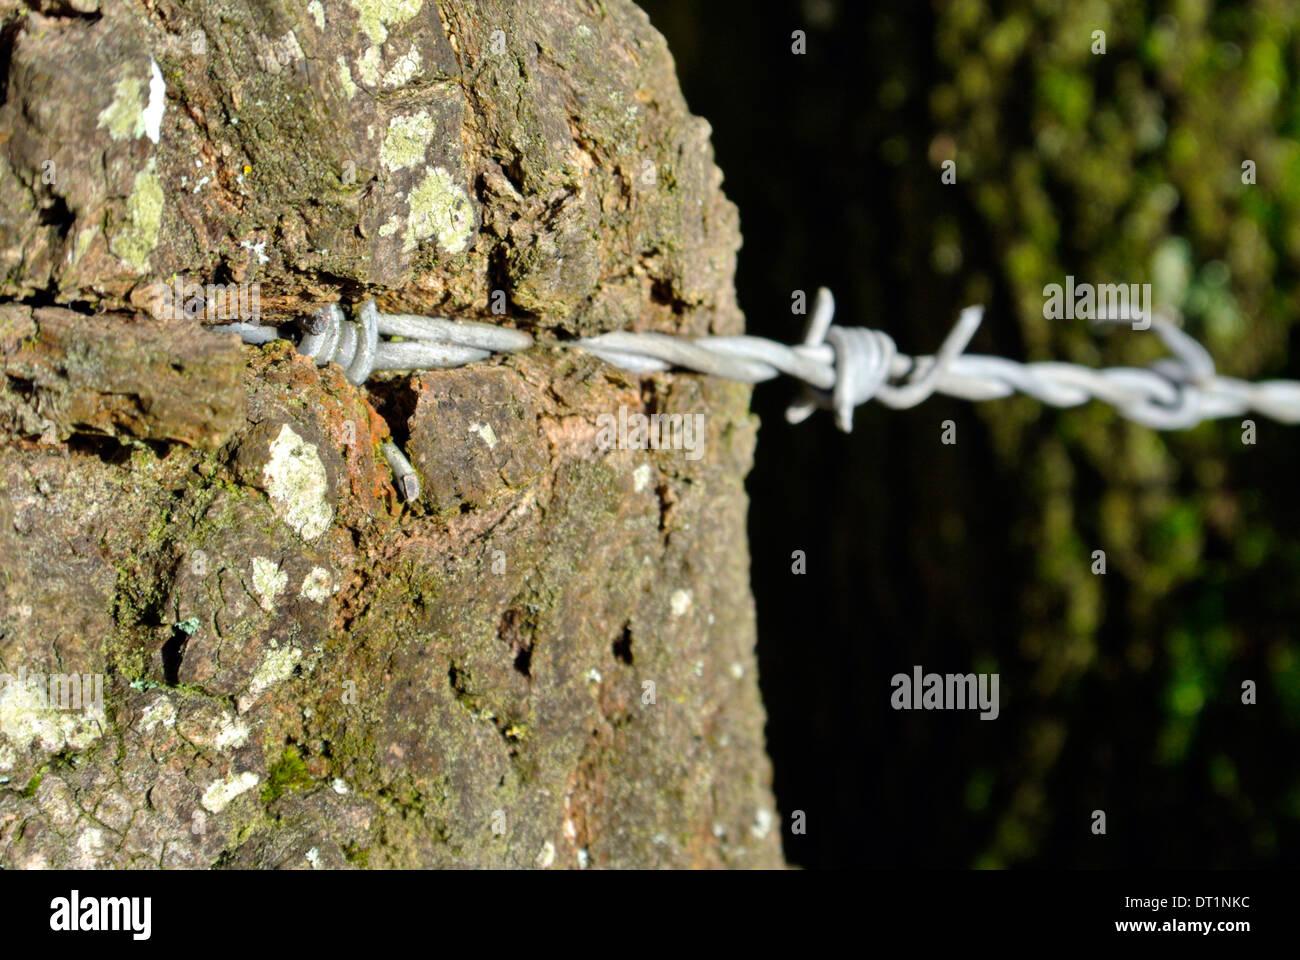 Fantastisch Stacheldraht Wunden Fotos - Die Besten Elektrischen ...